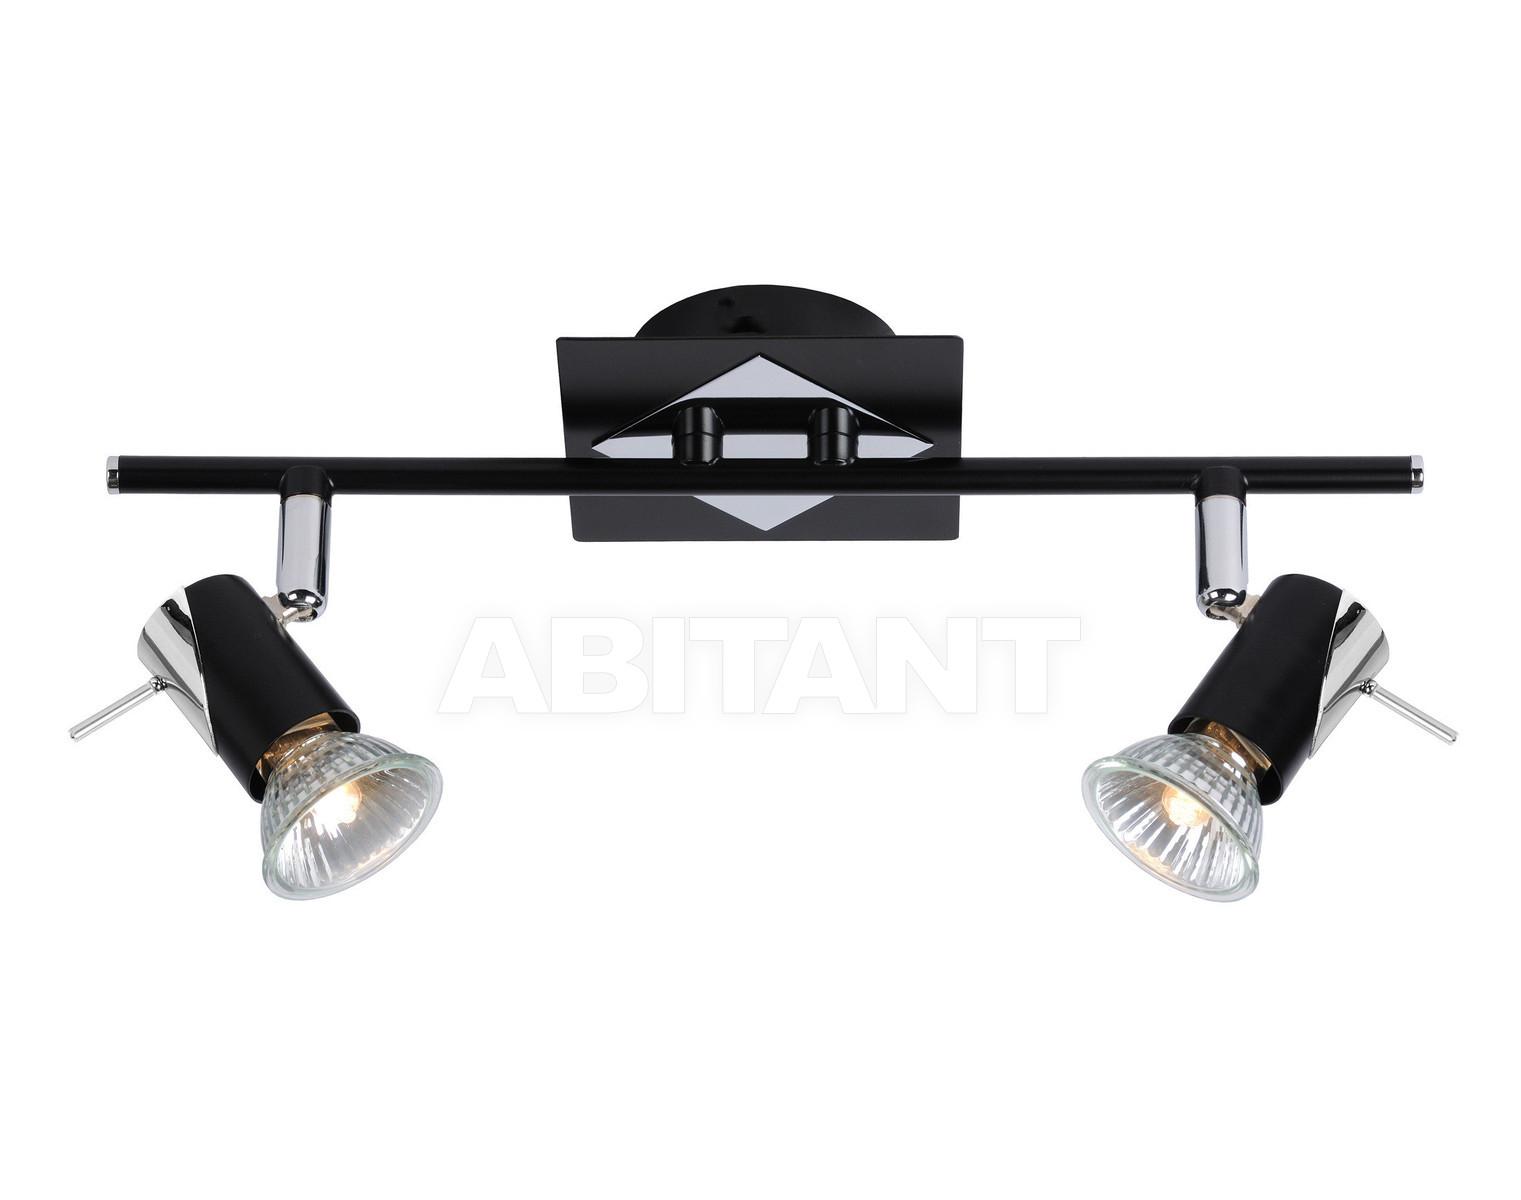 Купить Светильник-спот BRACKX Lucide  Ceiling & Wall Lights 12910/22/30